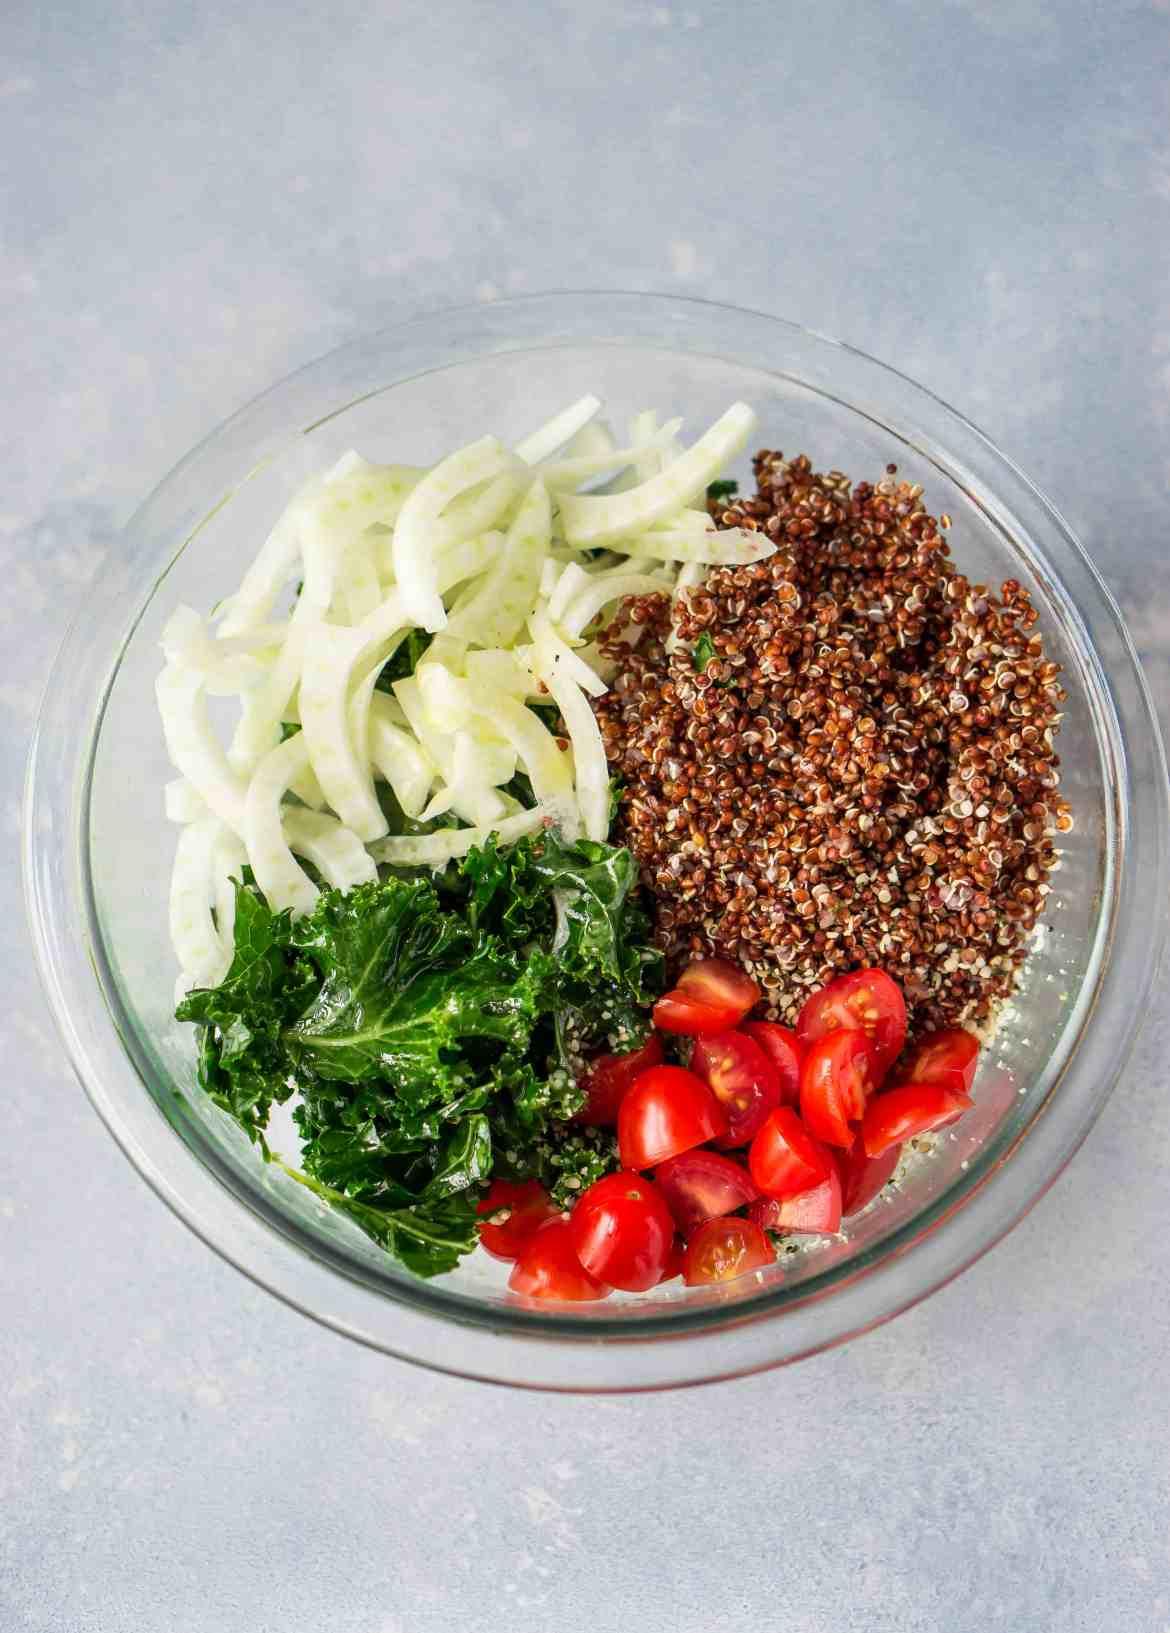 Kale & Red Quinoa Salad